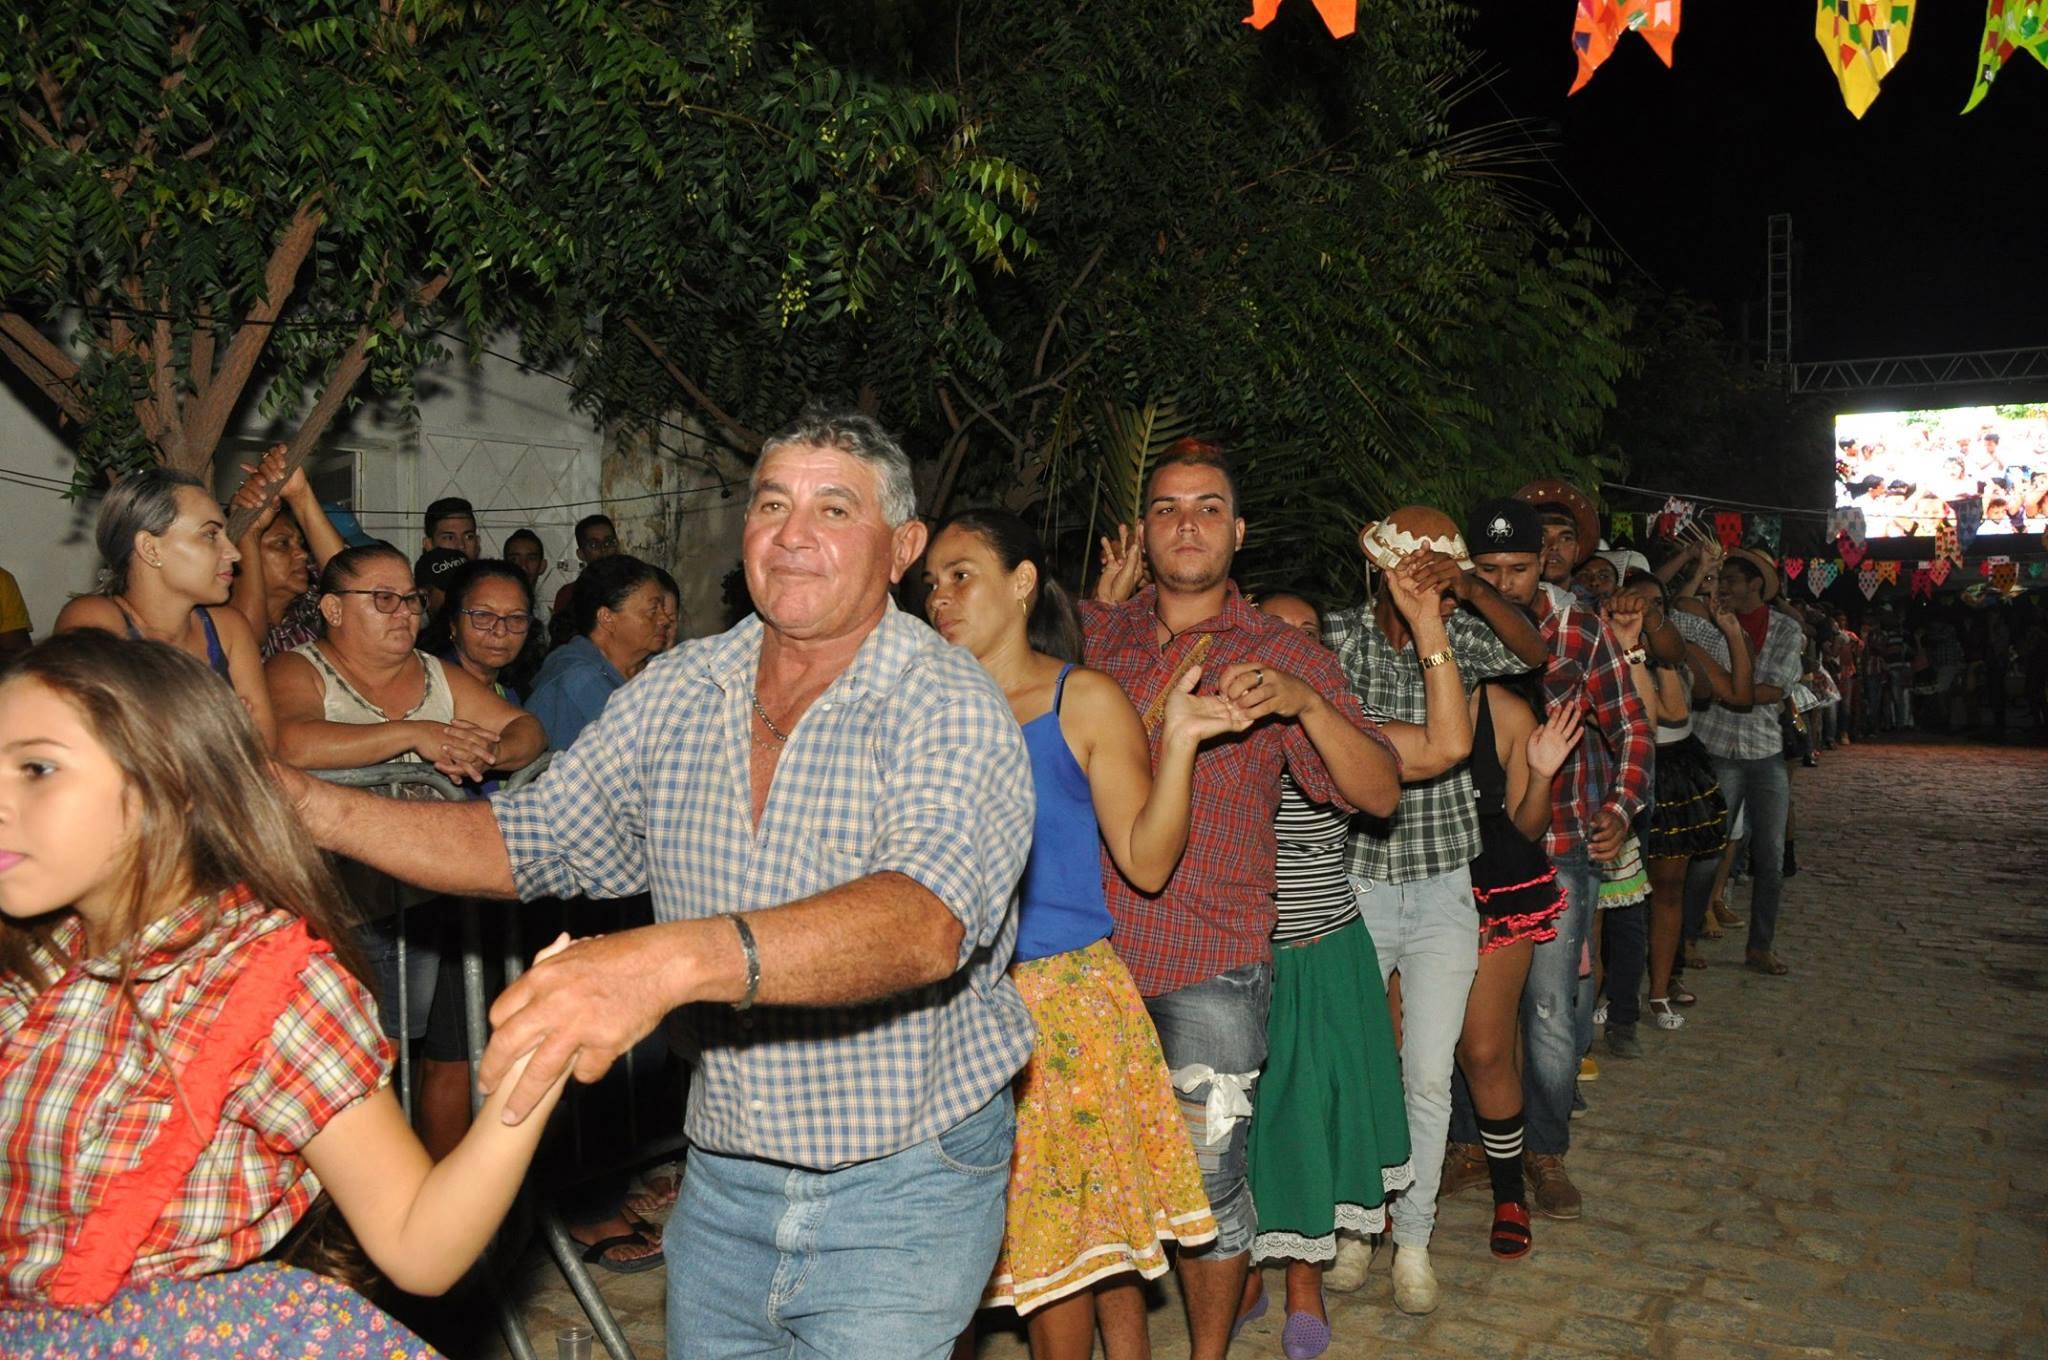 19092610_1899331450340045_1266948325095873455_o-1024x680 OPIPOCO mostra como foi a Segunda noite do festival de quadrilhas em Monteiro. Confira Imagens